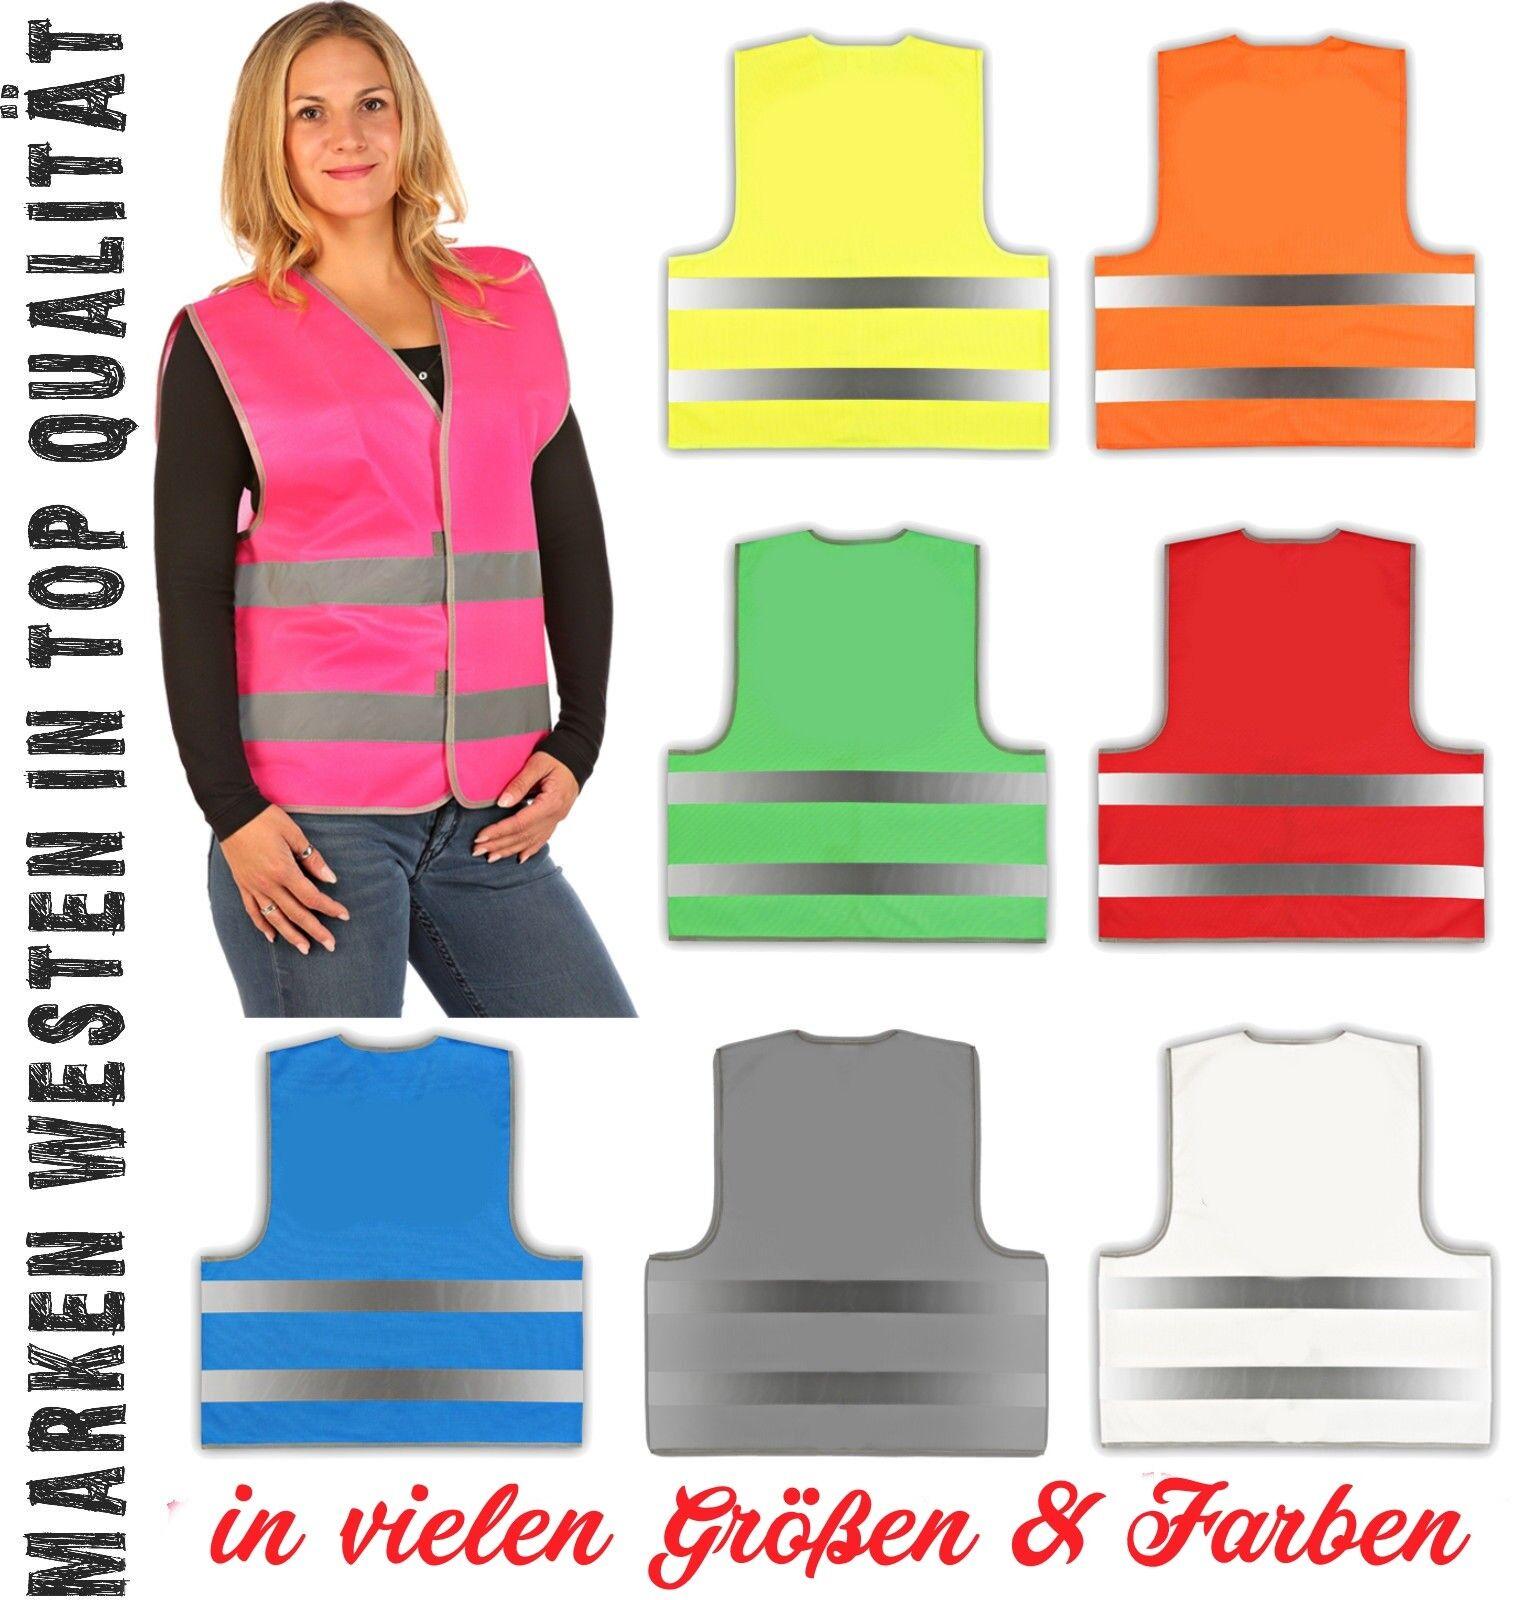 easyMesh® Sicherheitsweste Signalweste Warnweste in vielen Farben & Größen